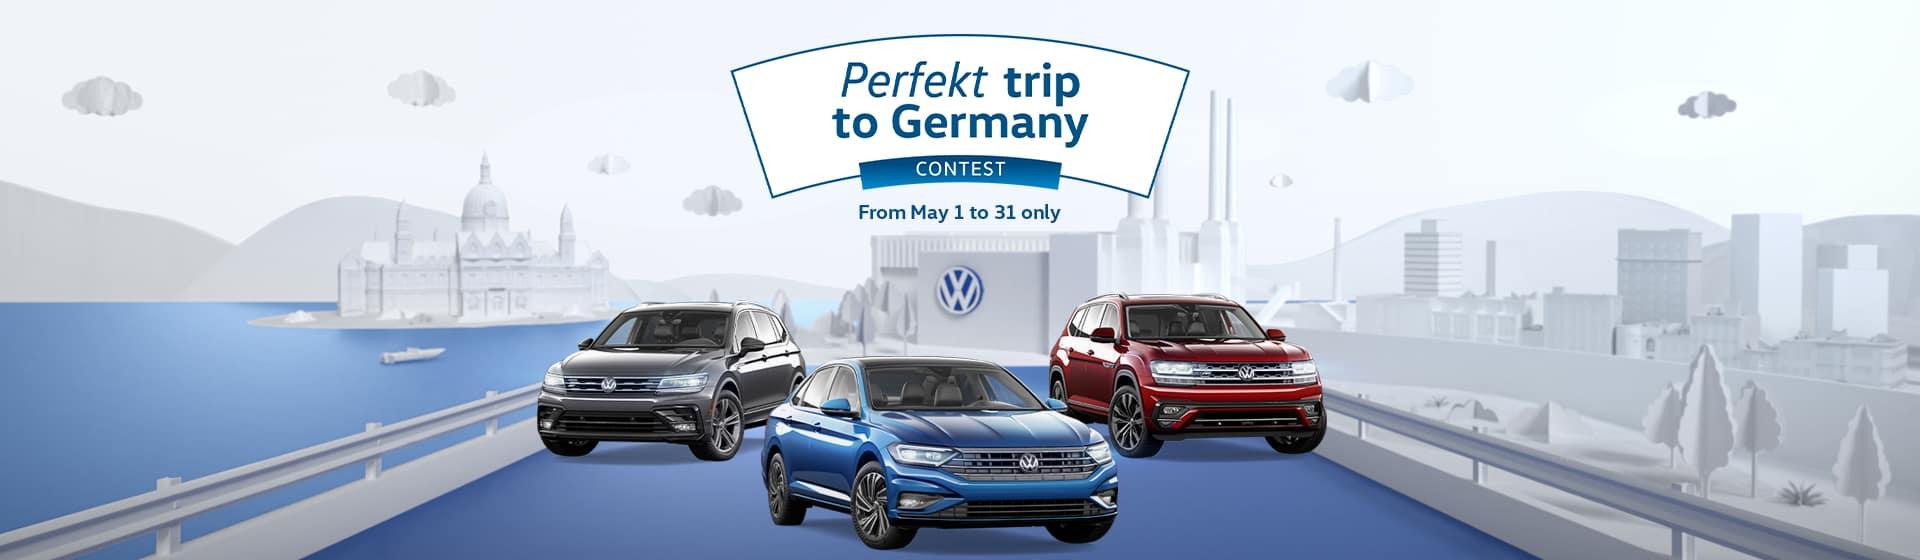 1920x560_perfekt_trip_to_Germany